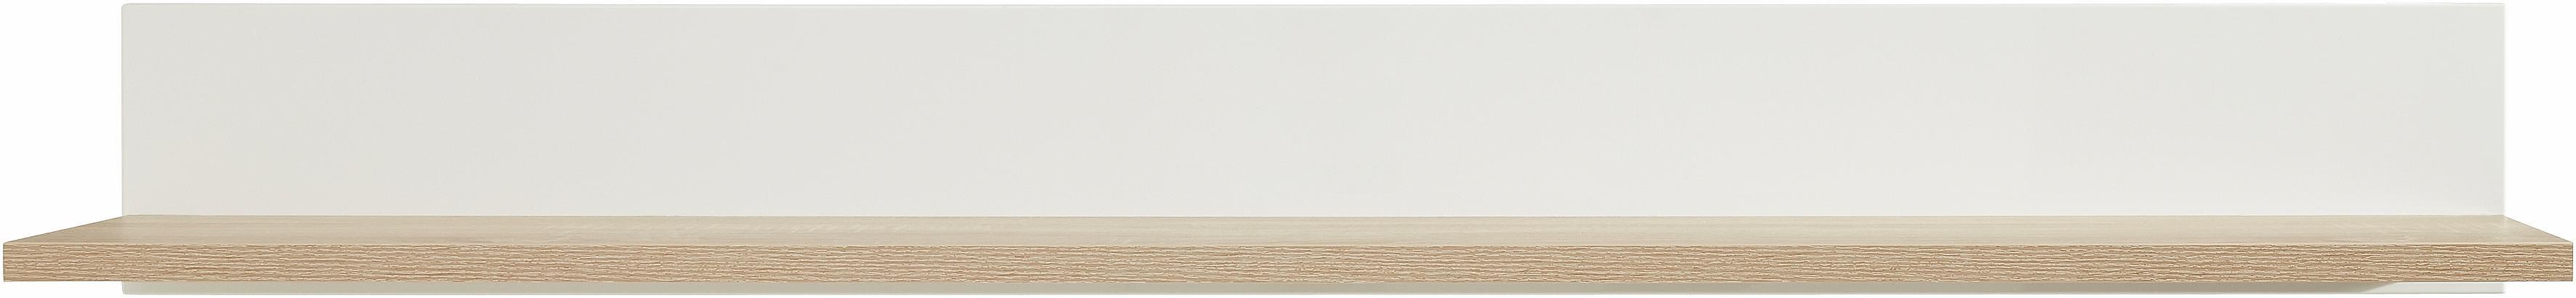 Trendteam Wandplank breedte 180 cm voordelig en veilig online kopen